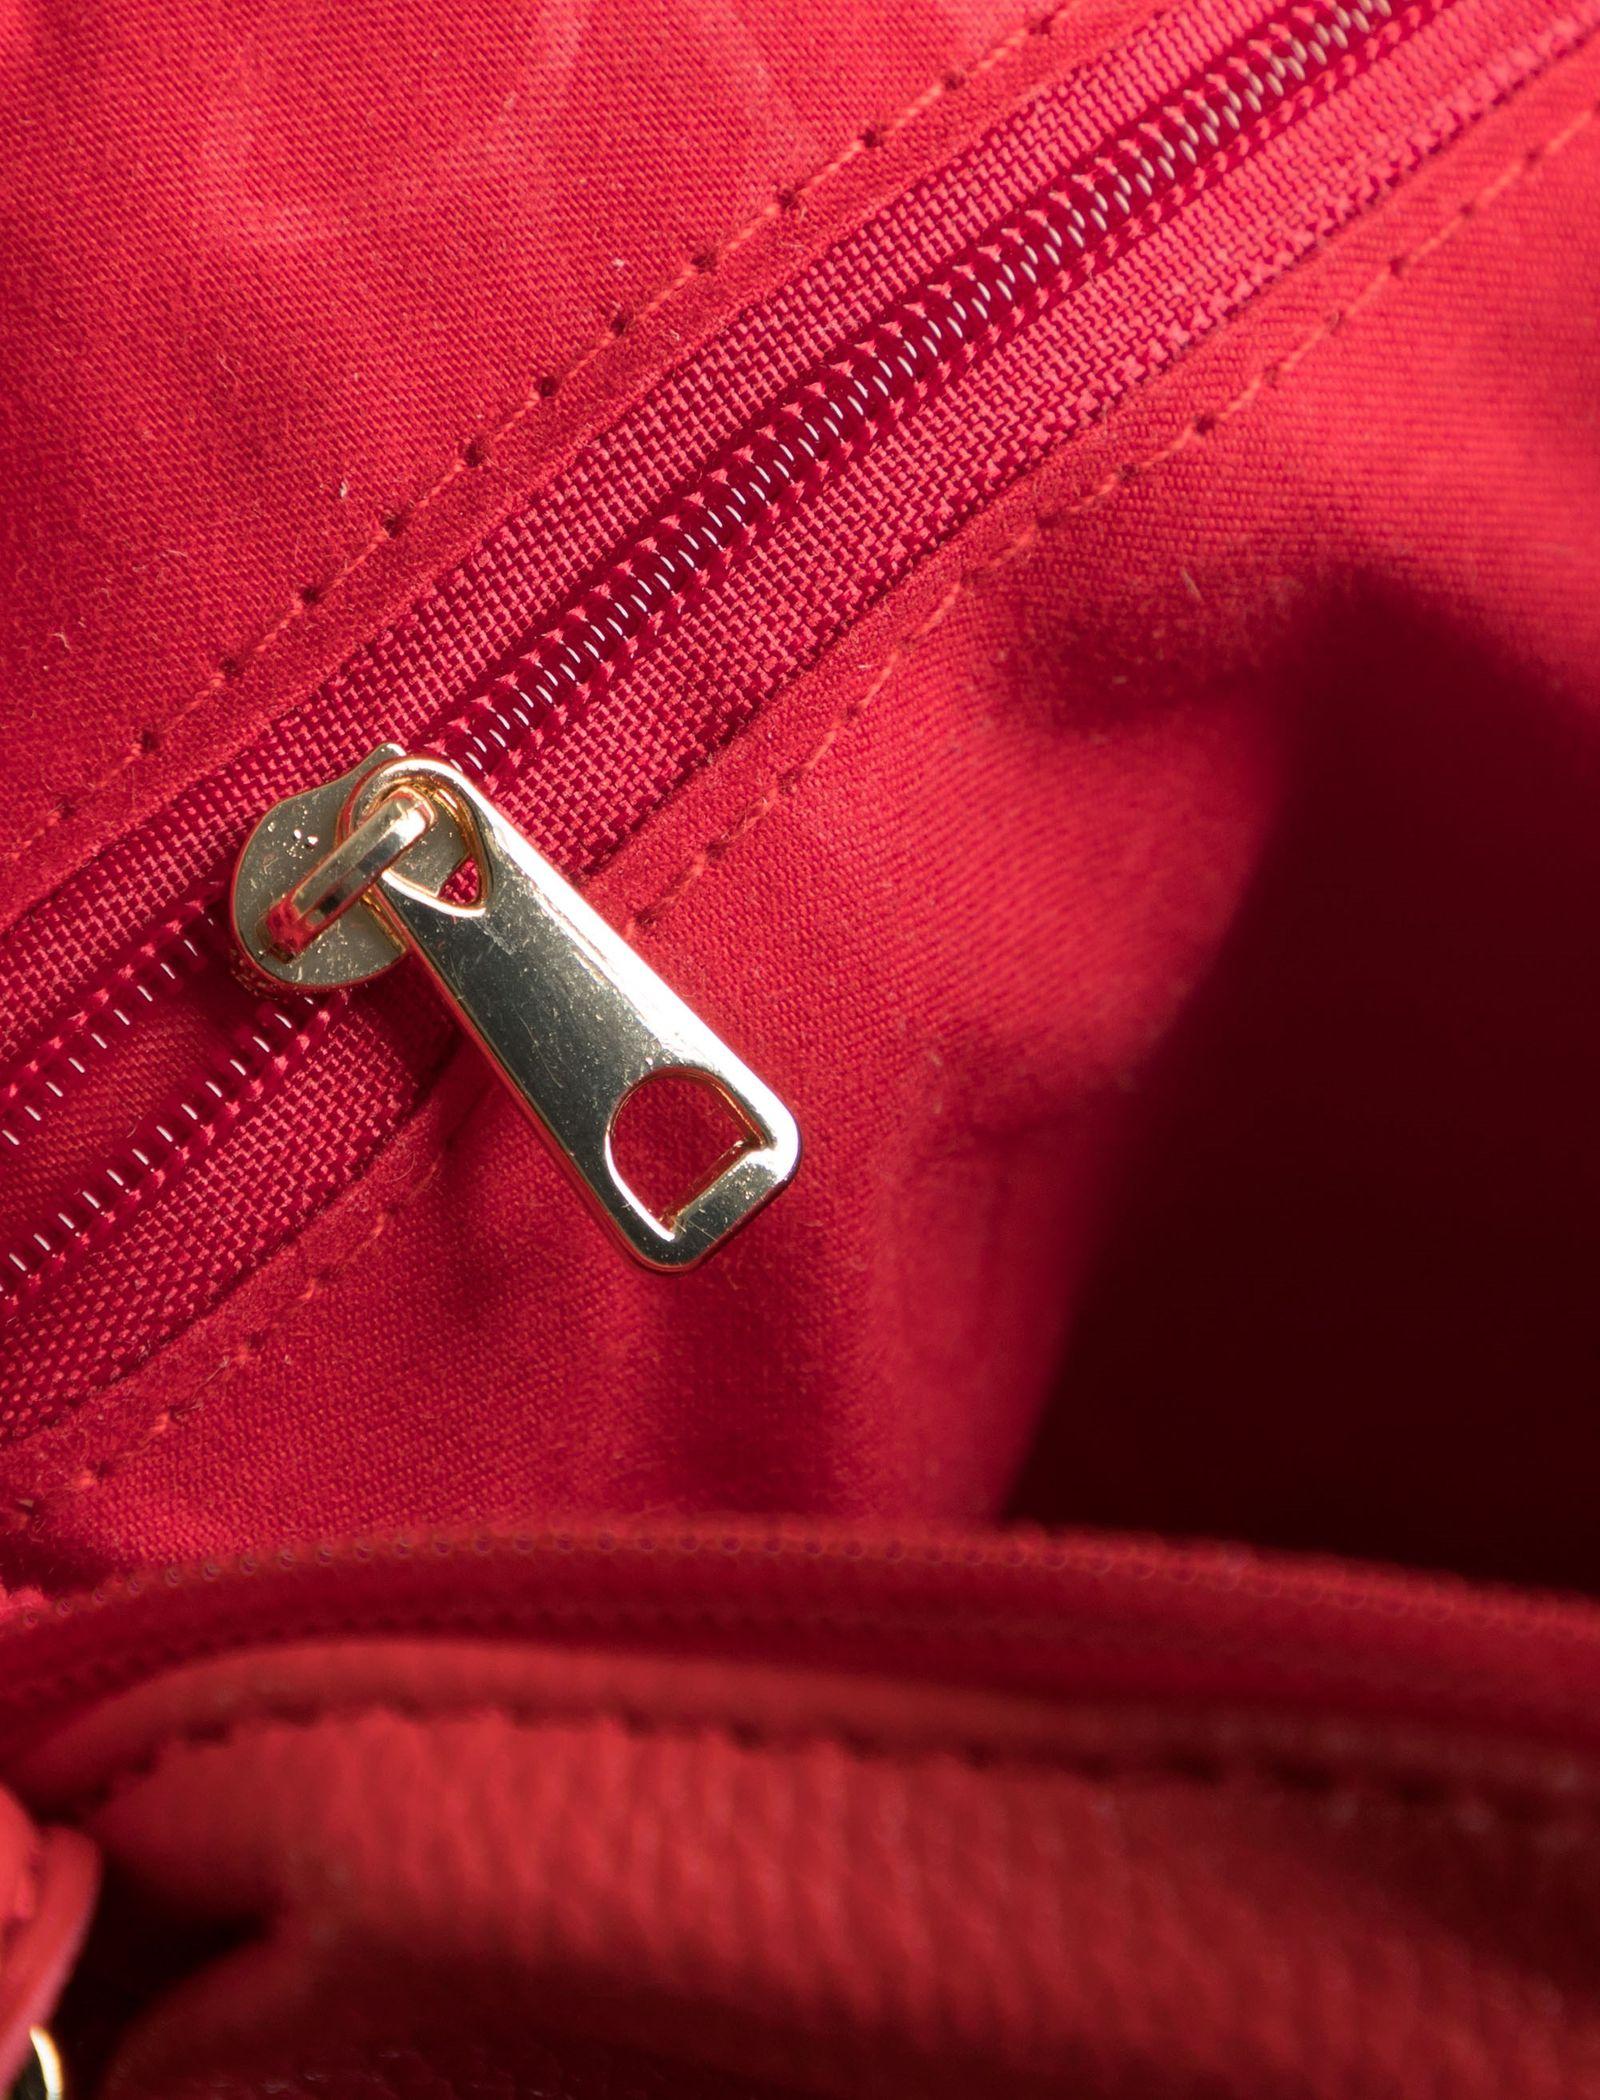 کیف دوشی روزمره زنانه - دادلین - قرمز  - 8